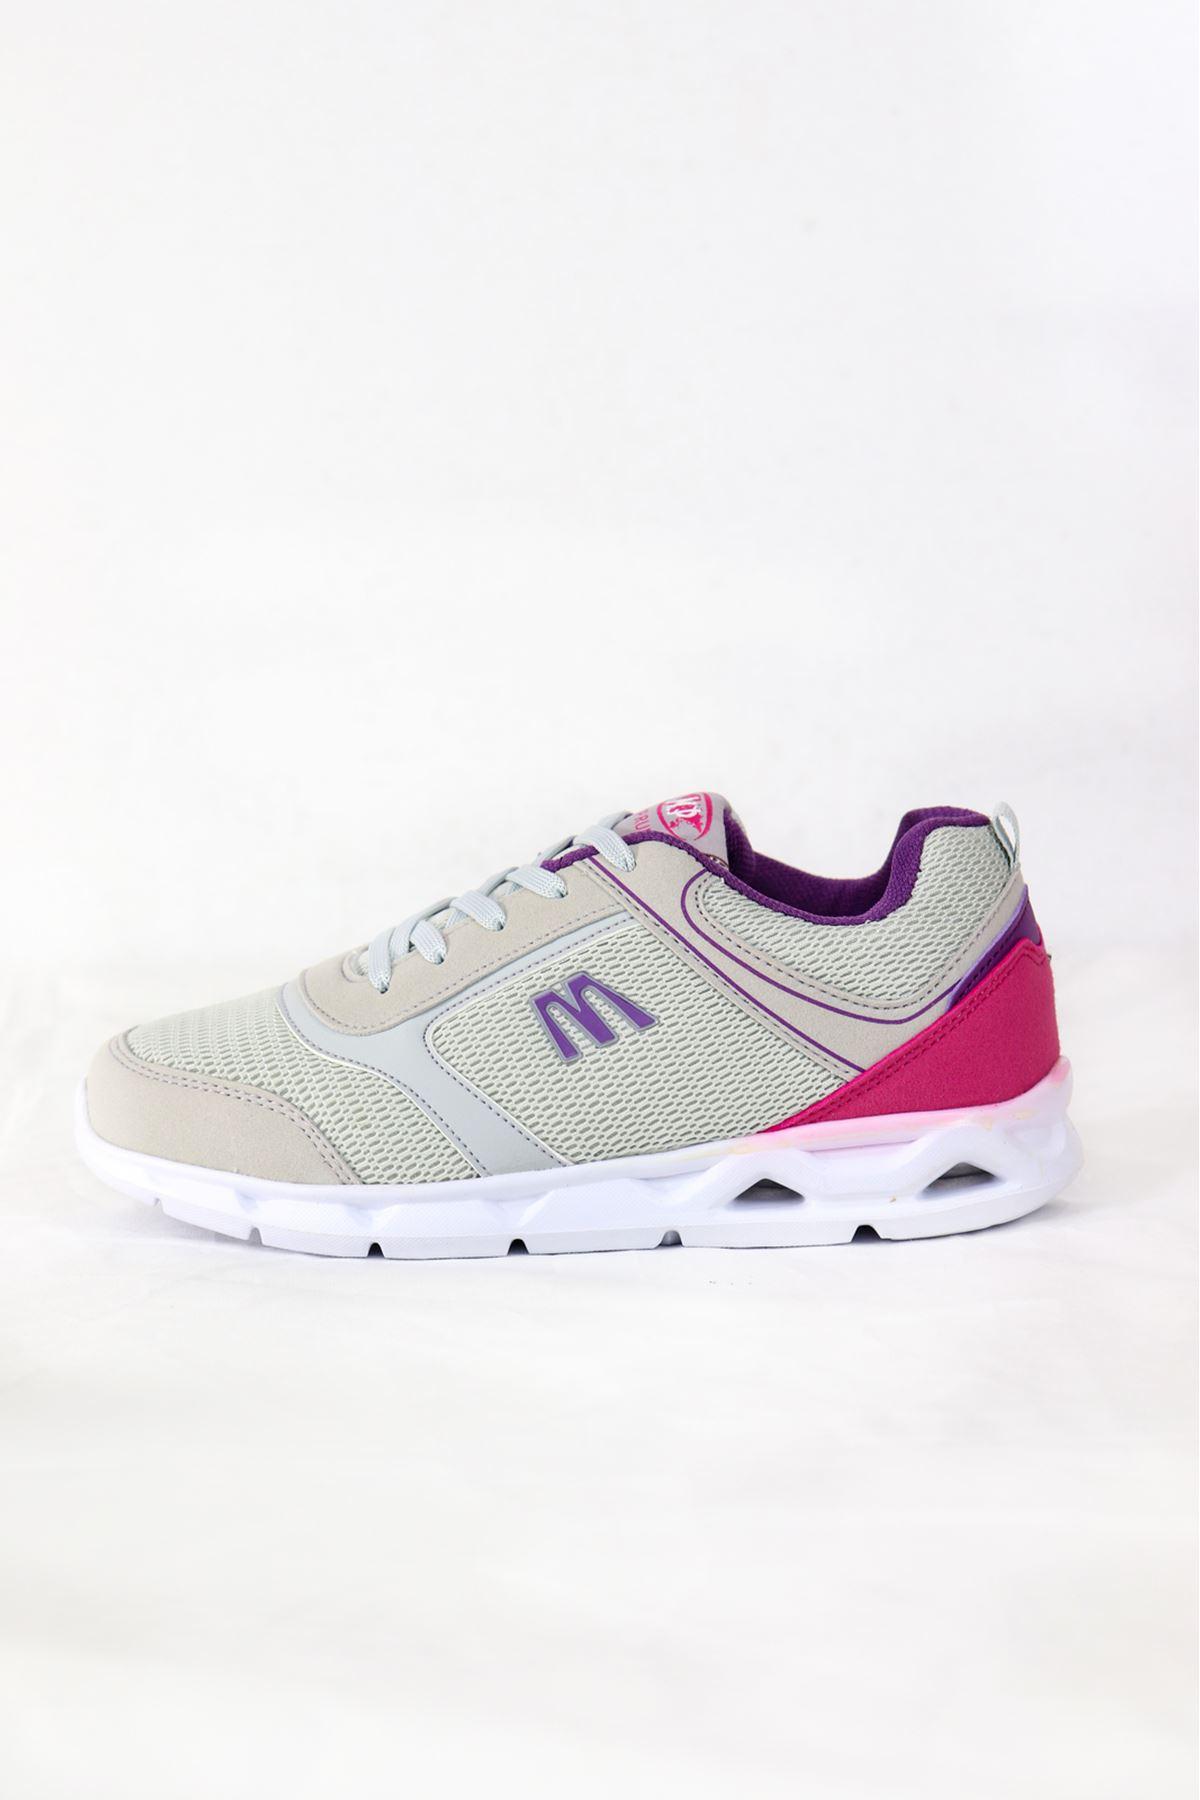 MP - 201 - 7404ZN - Gri/mor Kadın Spor Ayakkabısı